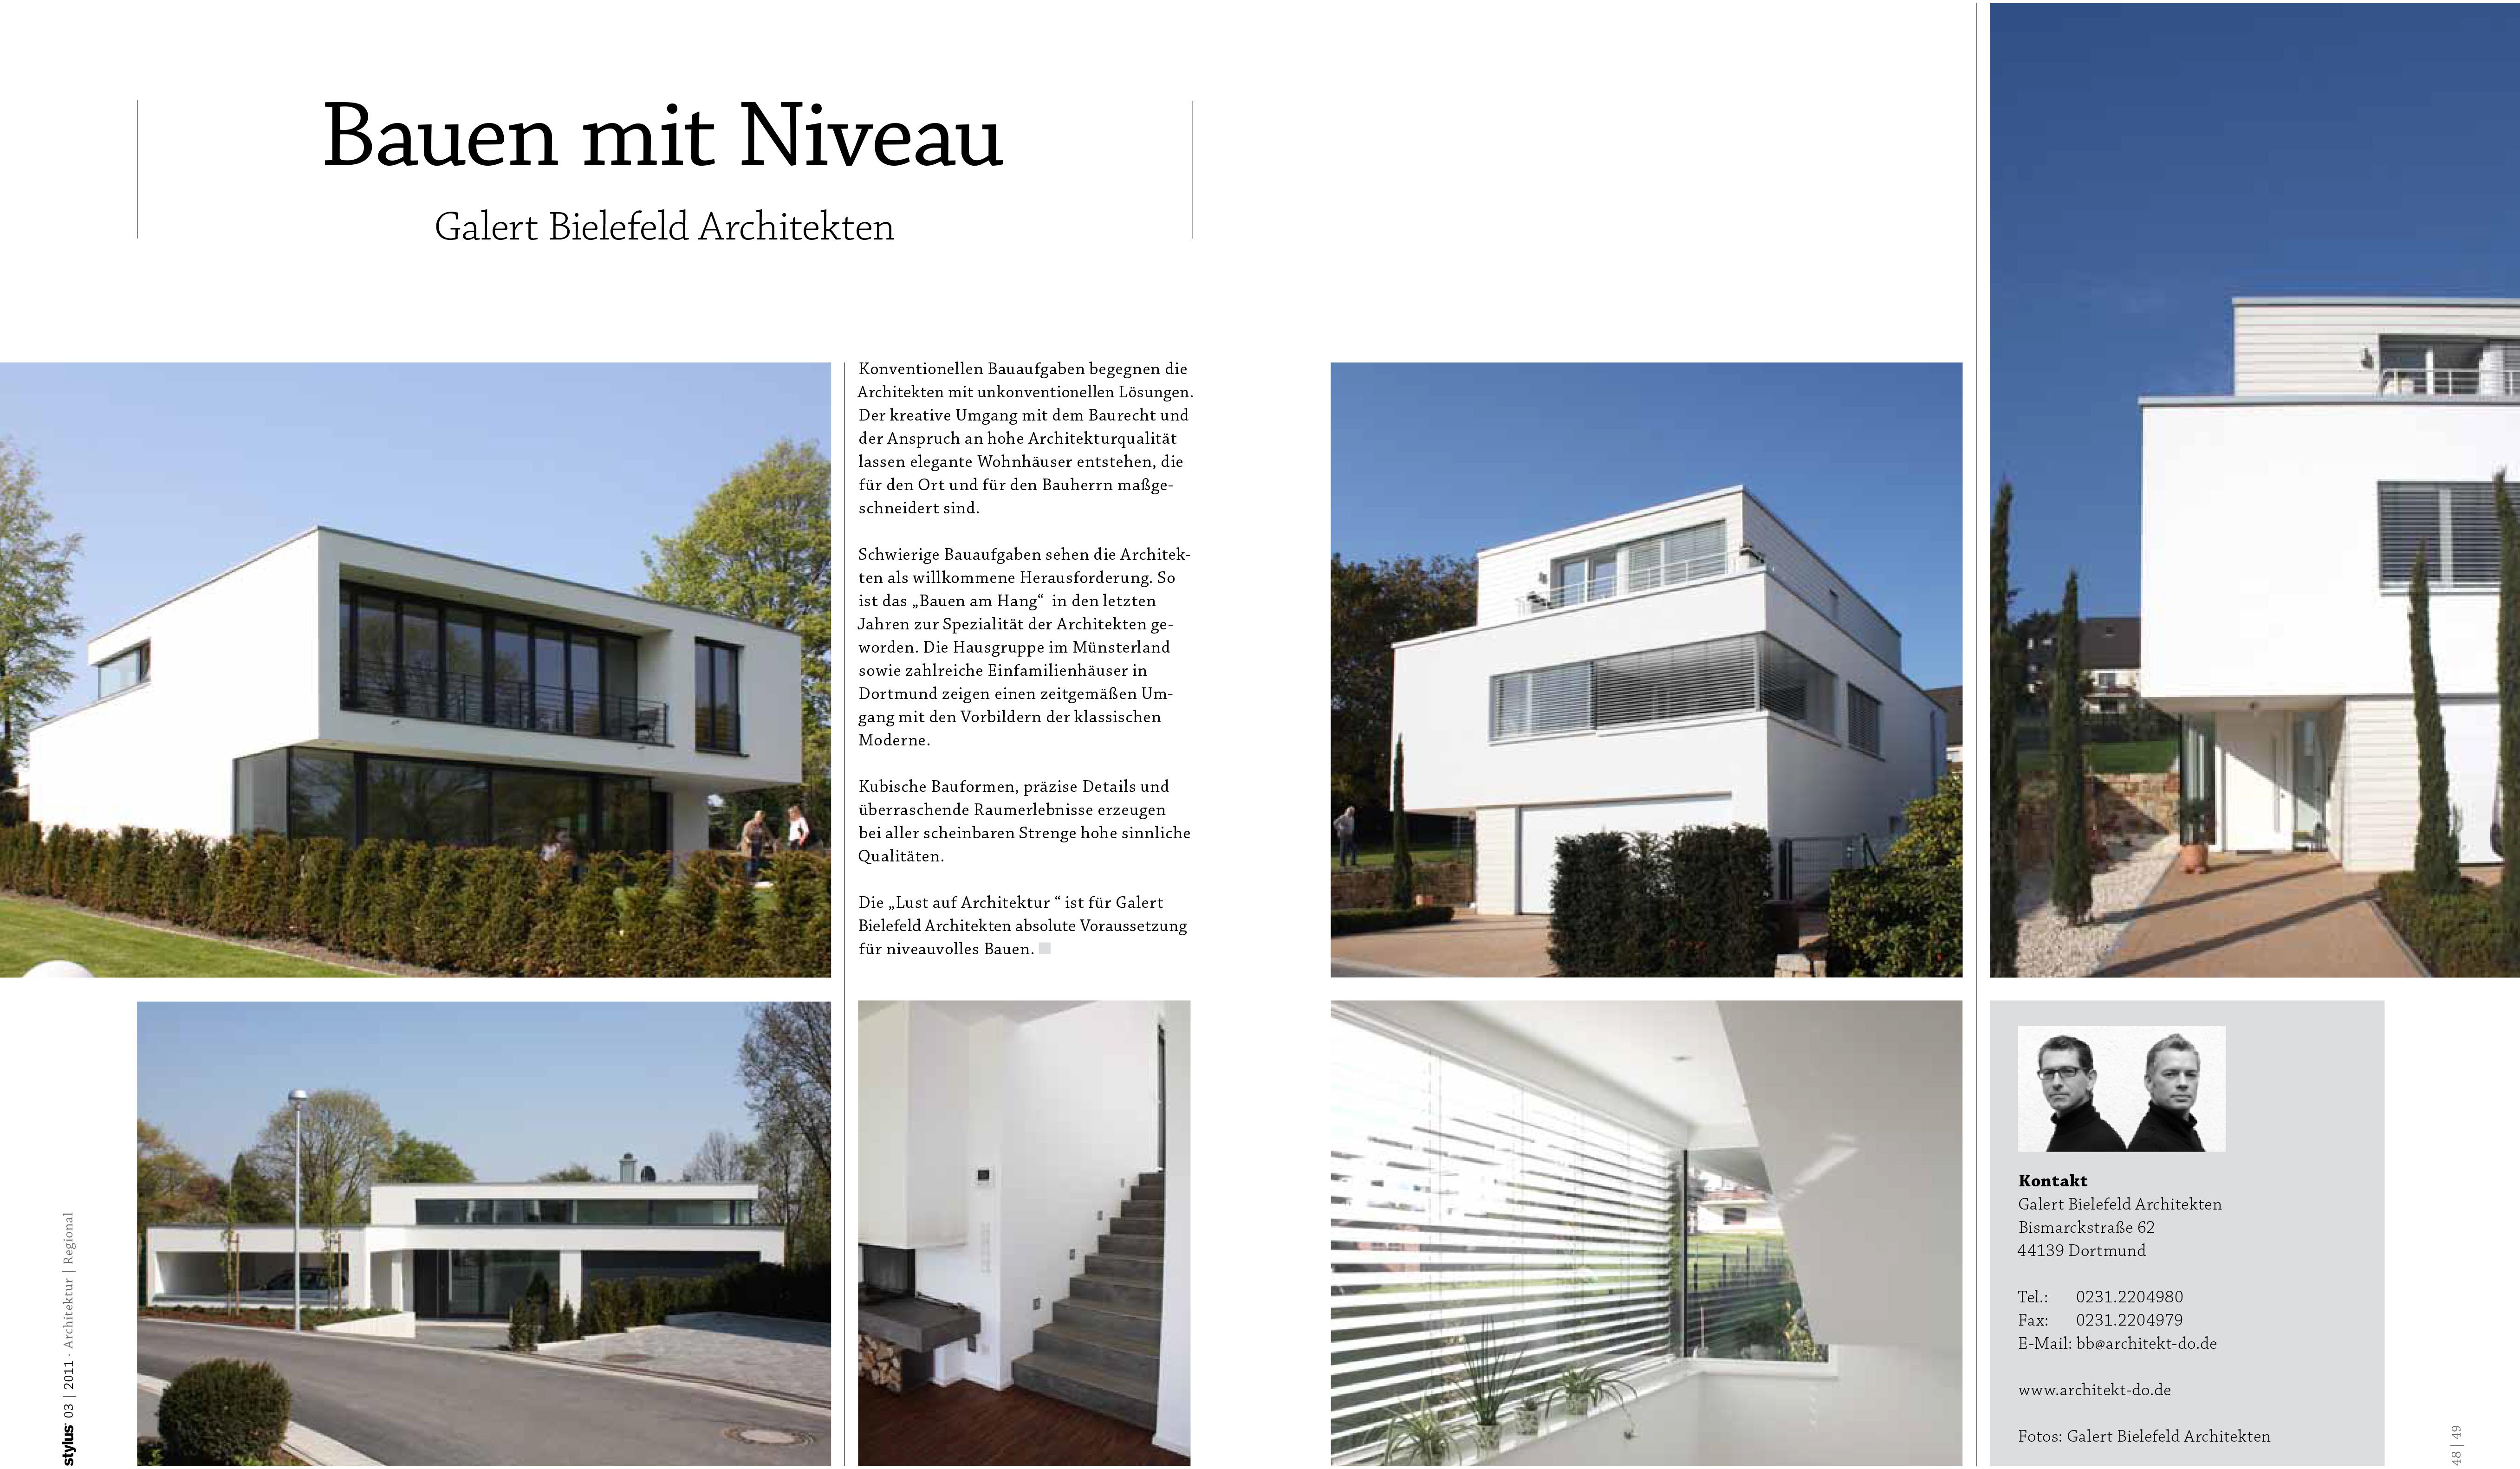 Die U201eLust Auf Architektur U201c Ist Für Galert Bielefeld Architekten Absolute  Voraussetzung Für Niveauvolles Bauen.